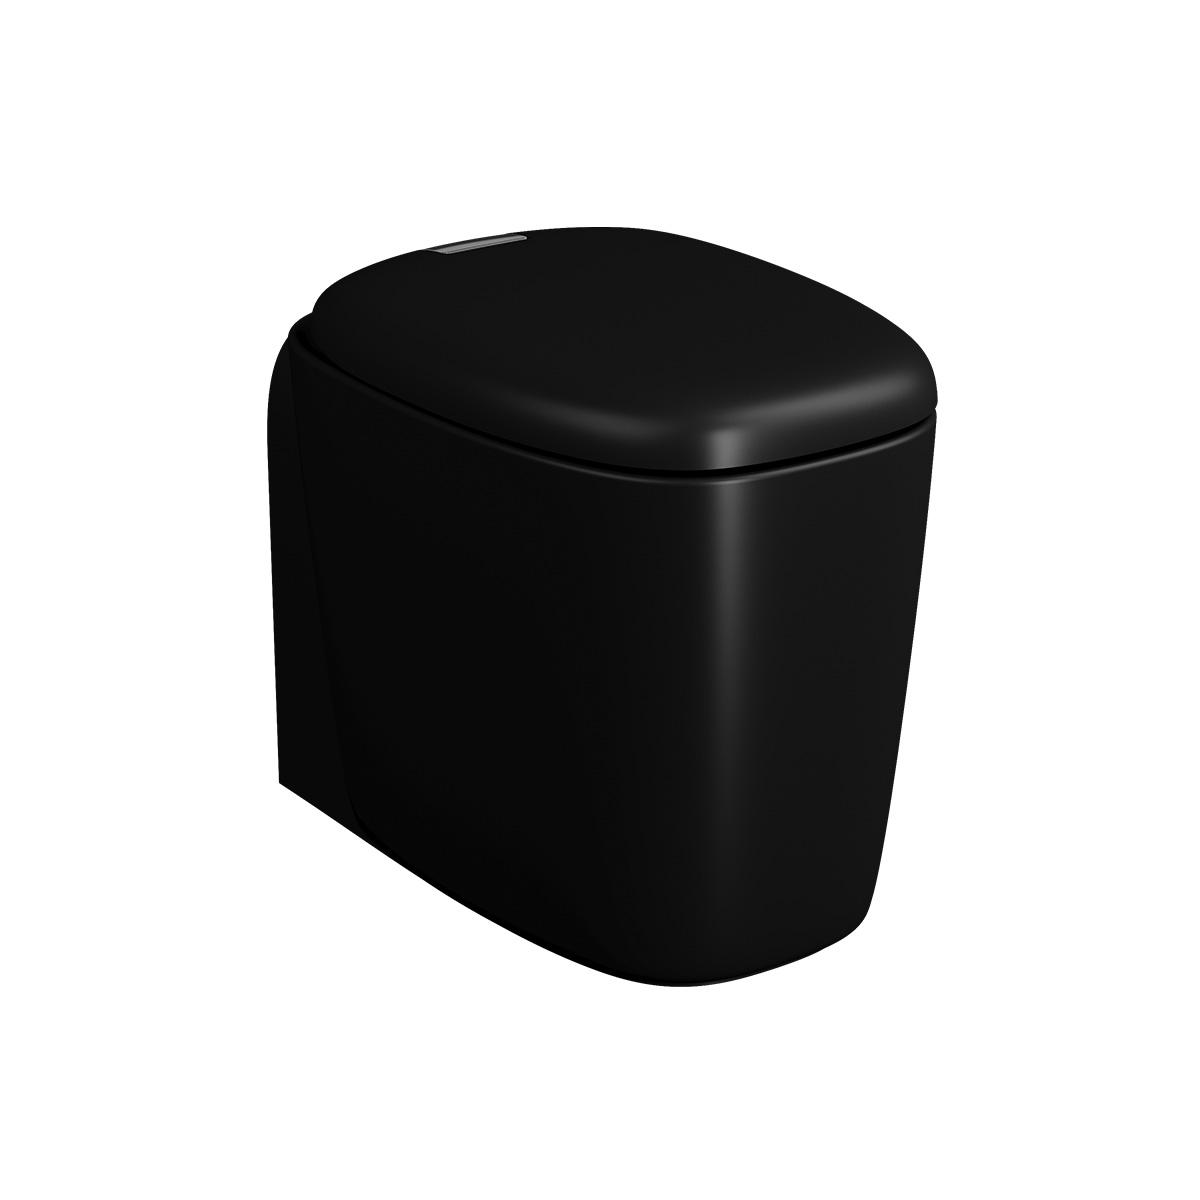 Plural WC BTW sans bride, fonction bidet, 55 cm, VC, noir mat